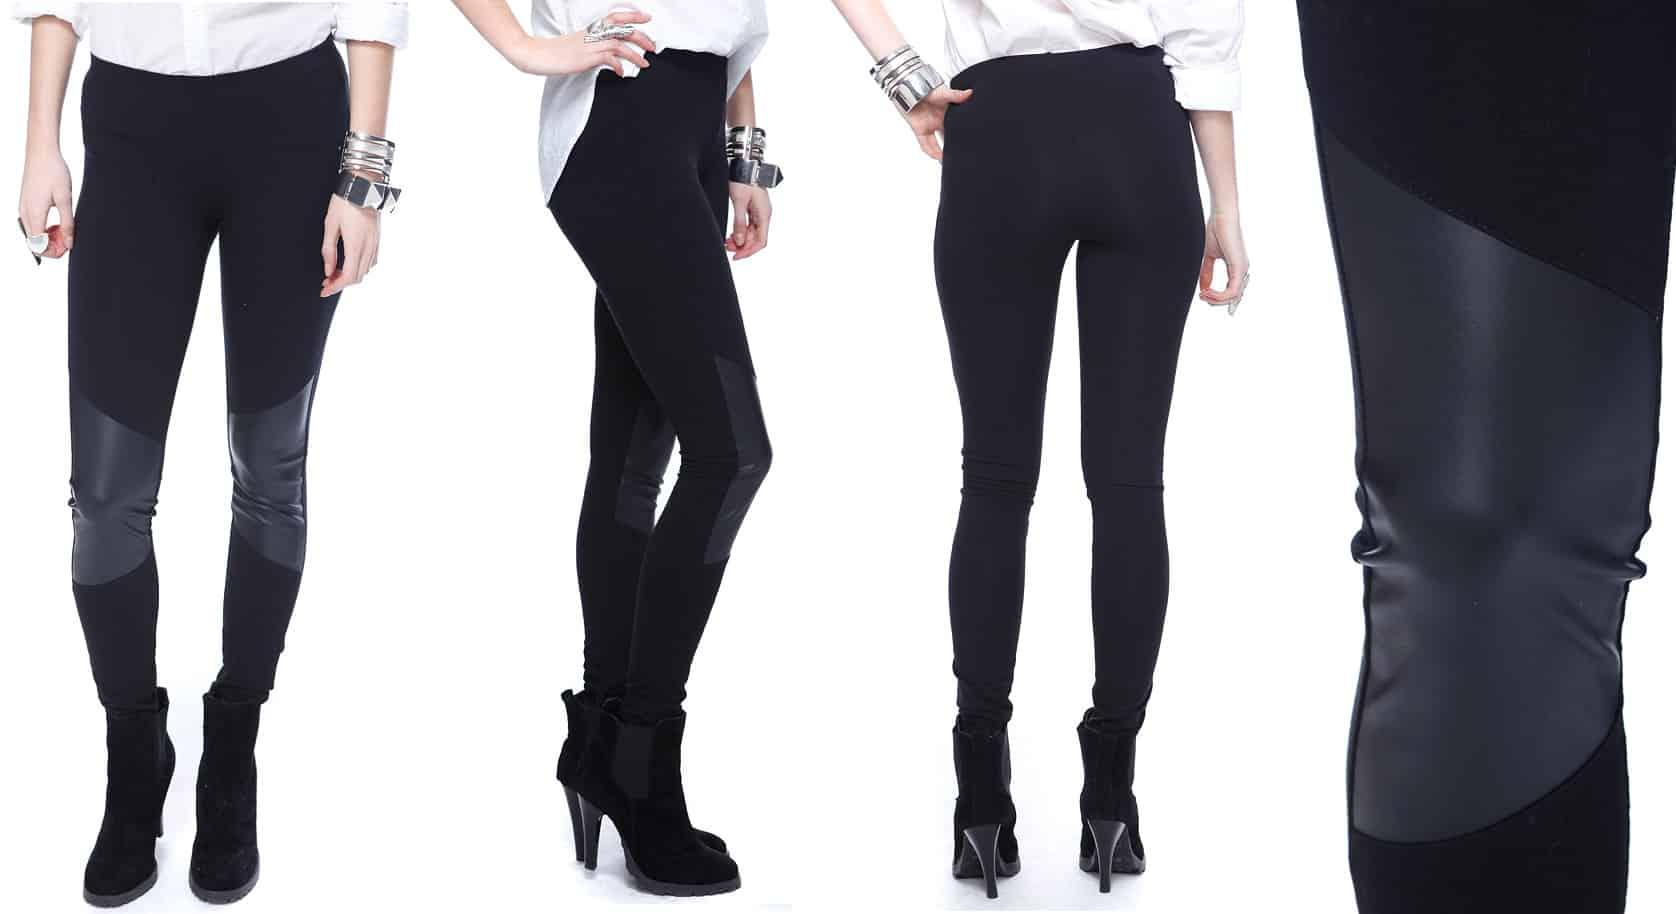 leatherette-leggings-forever21